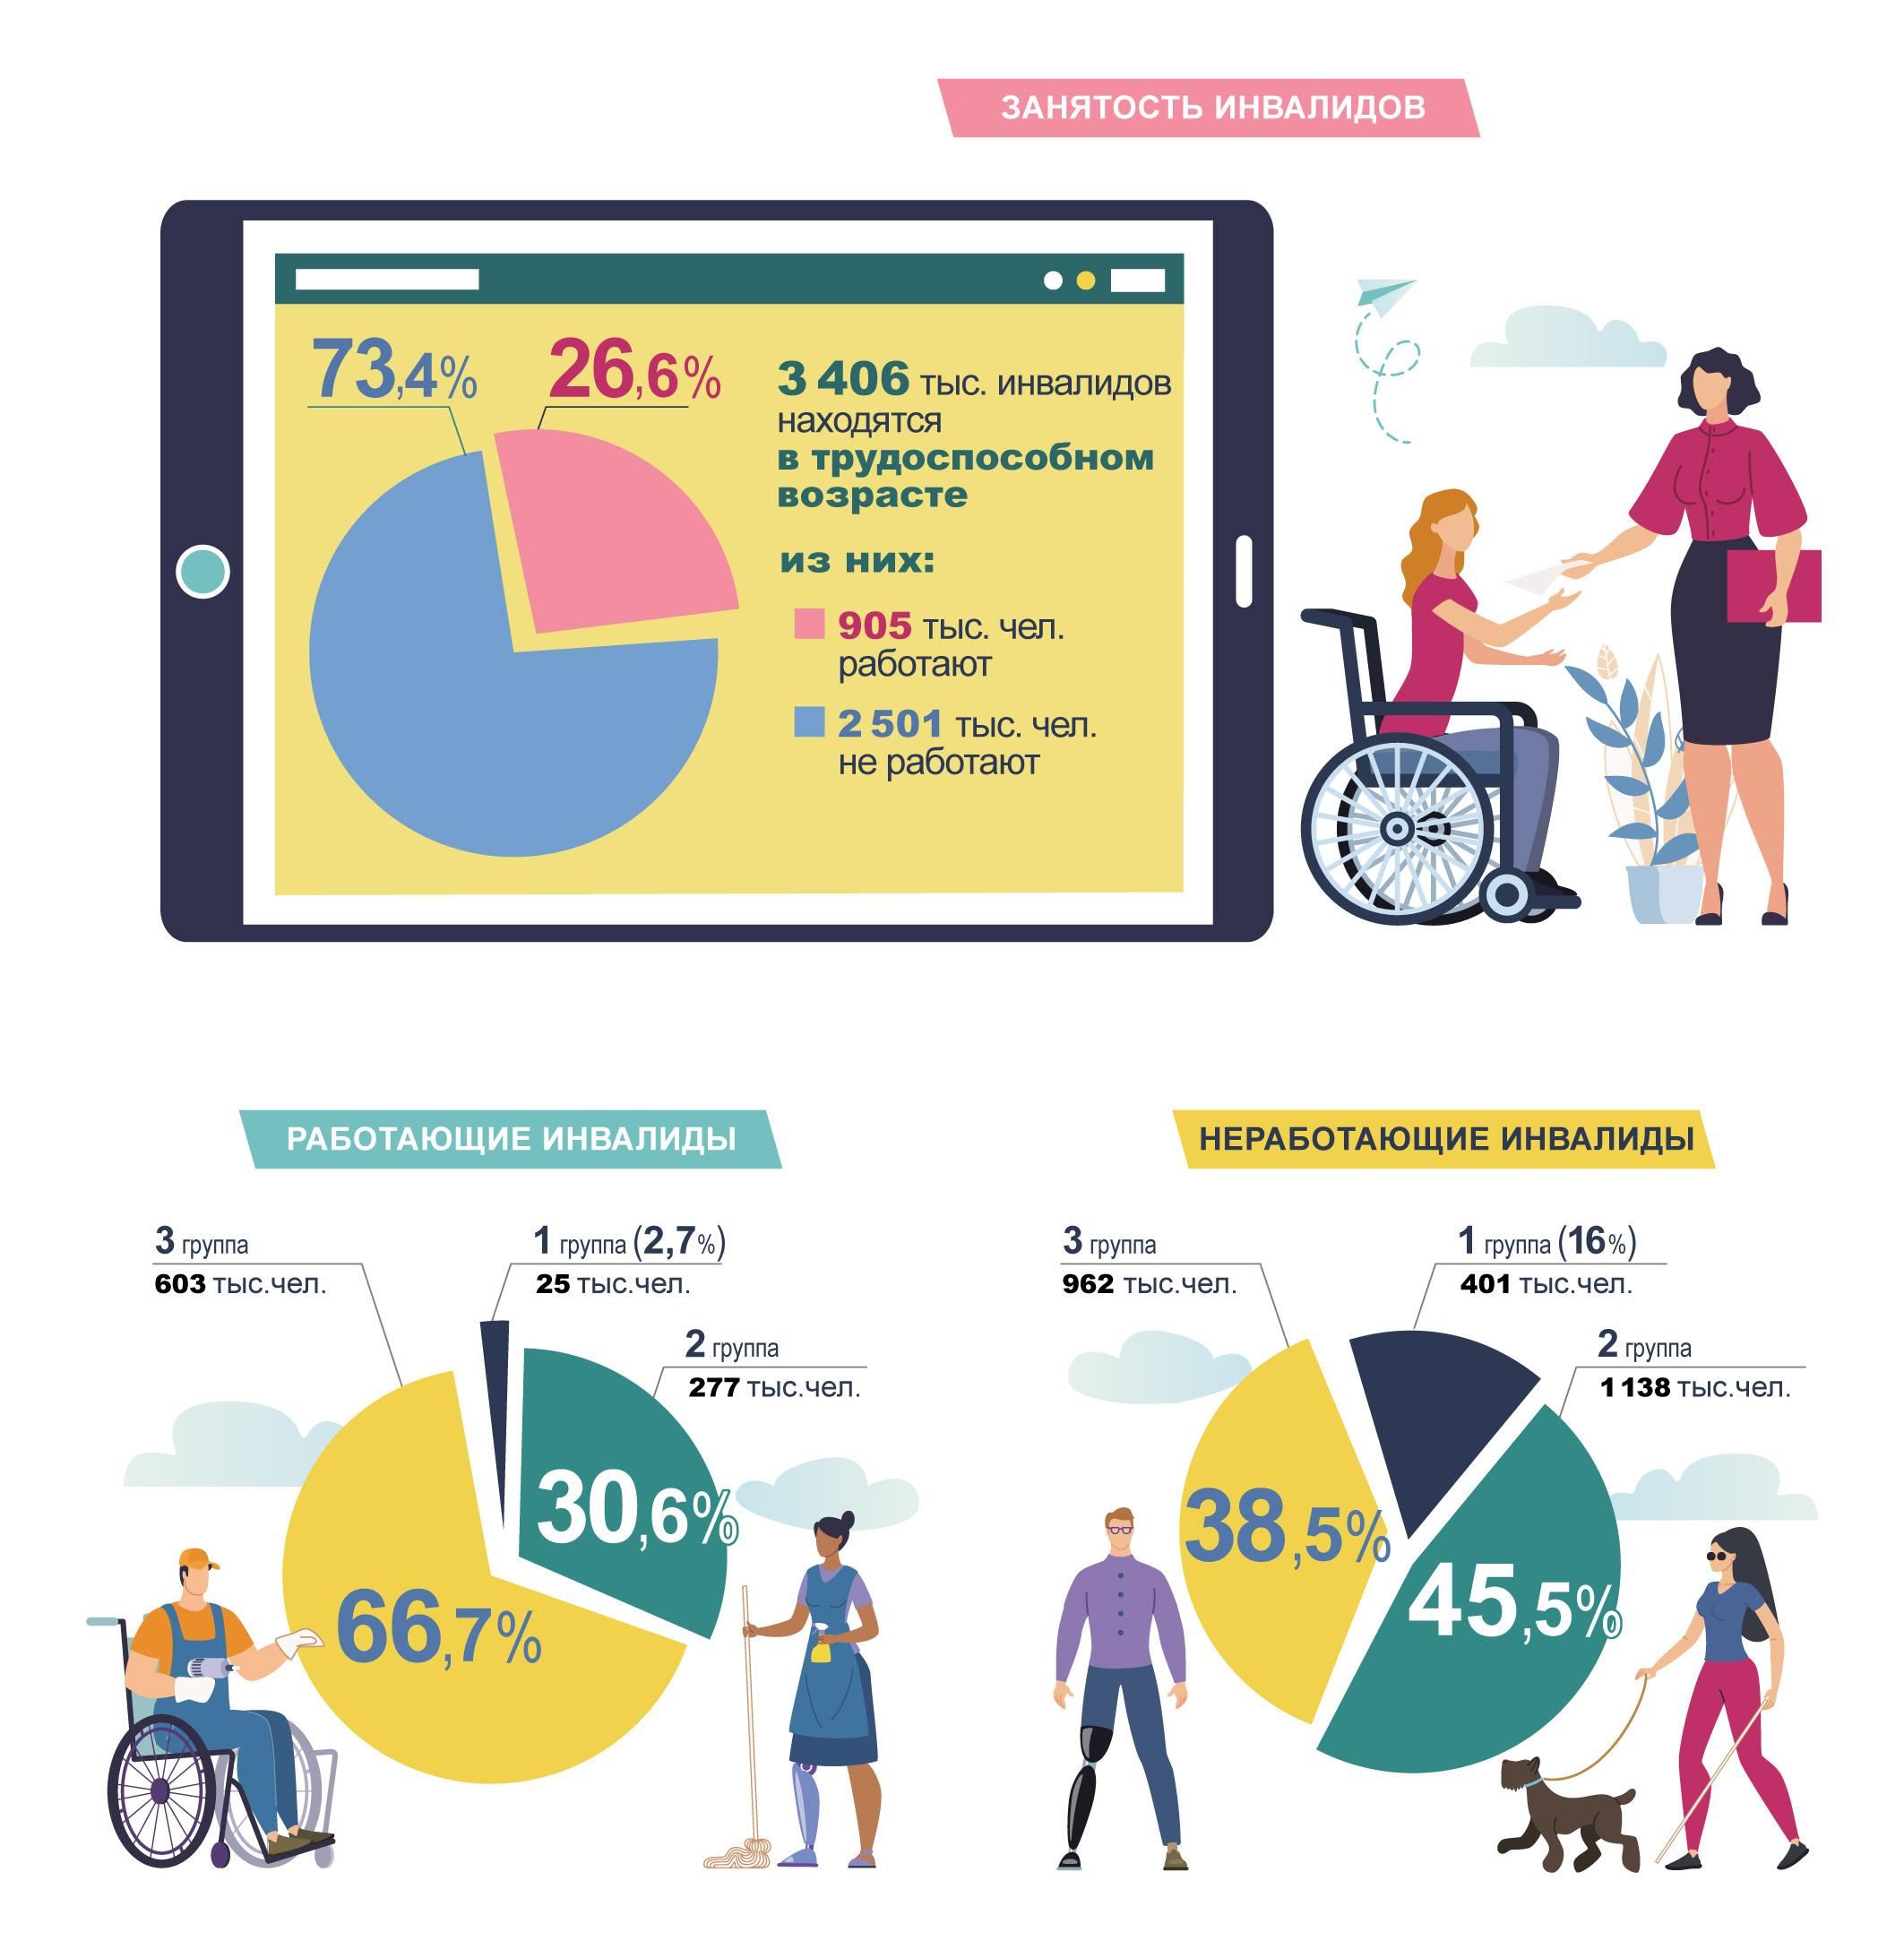 Занятость инвалидов